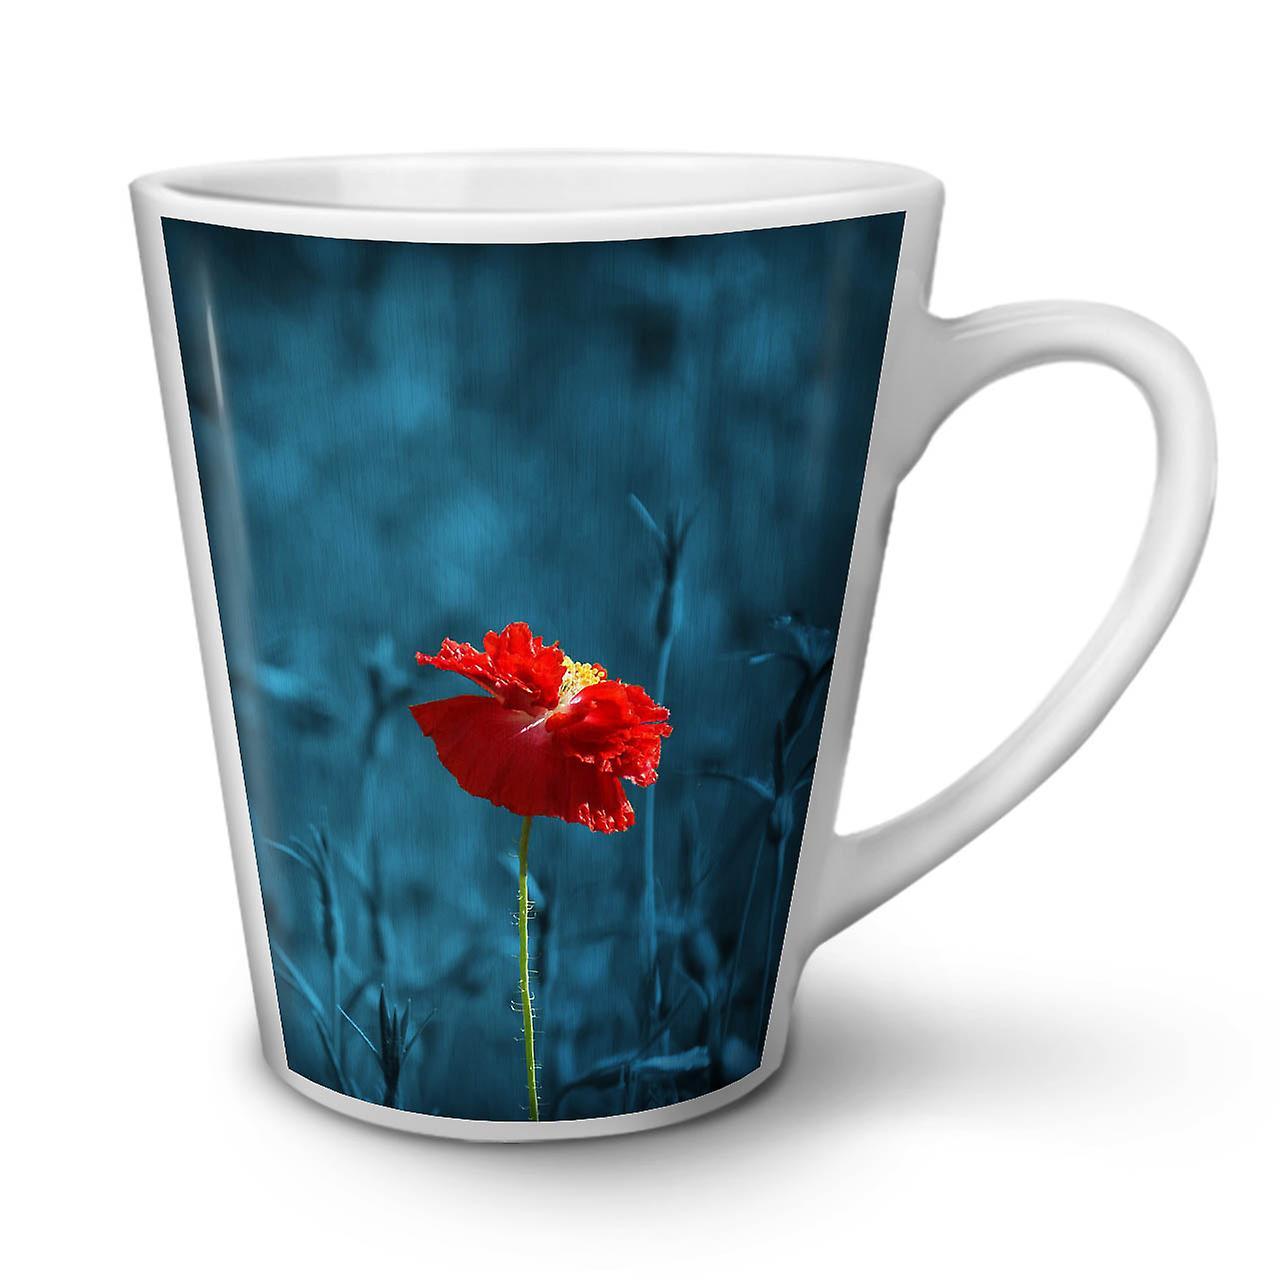 Photo Coffee Ceramic Latte OzWellcoda Flowers White New Tea Mug 12 yN8n0wOvm